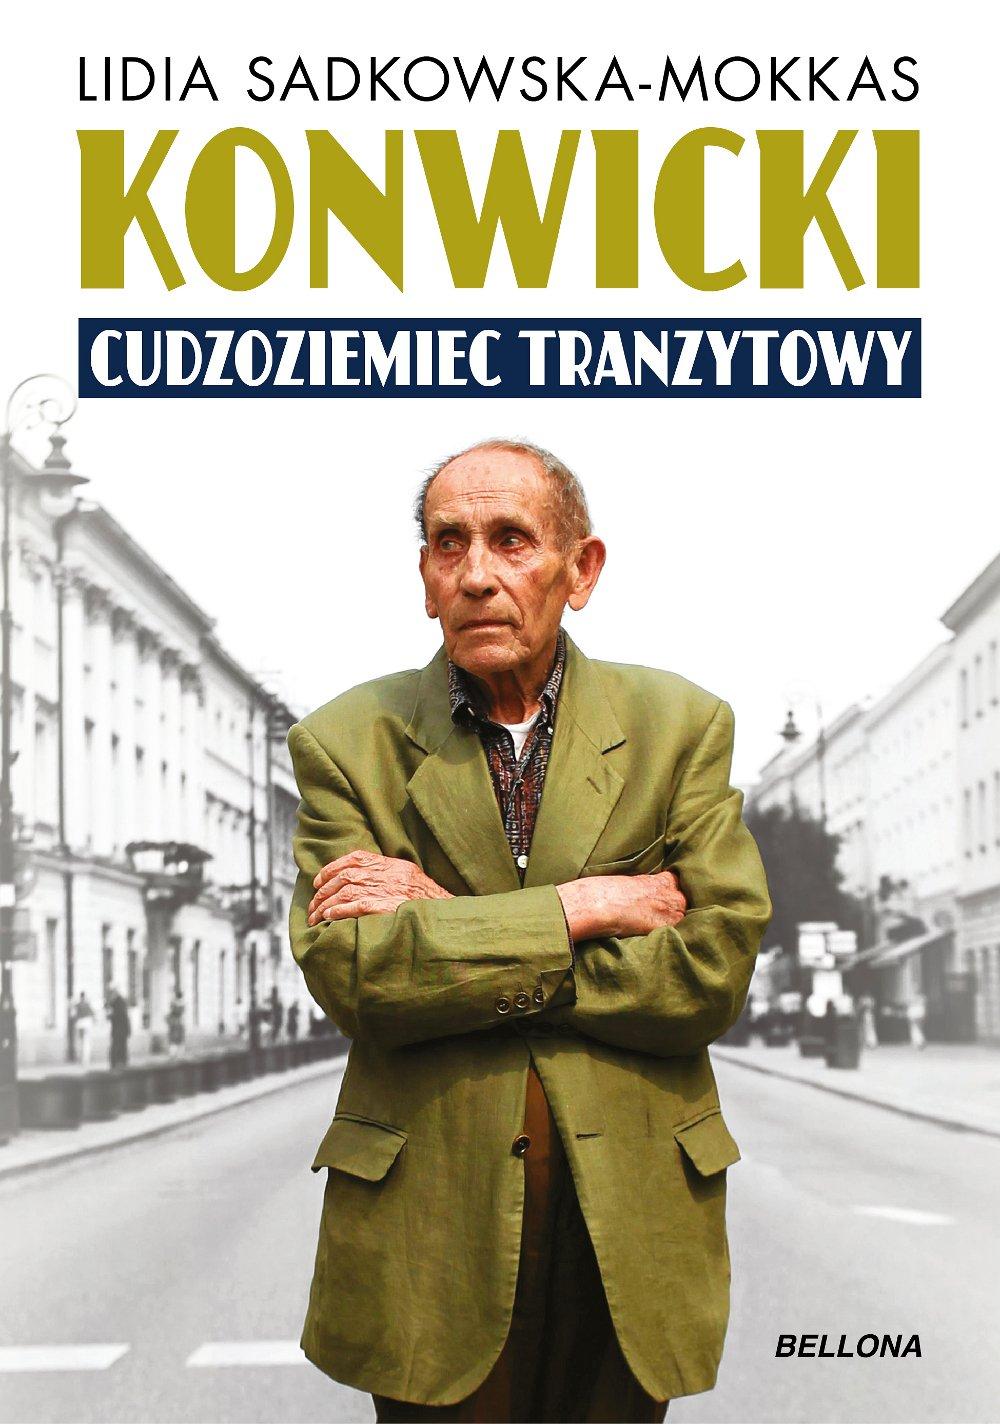 Konwicki - cudzoziemiec tranzytowy - Ebook (Książka na Kindle) do pobrania w formacie MOBI